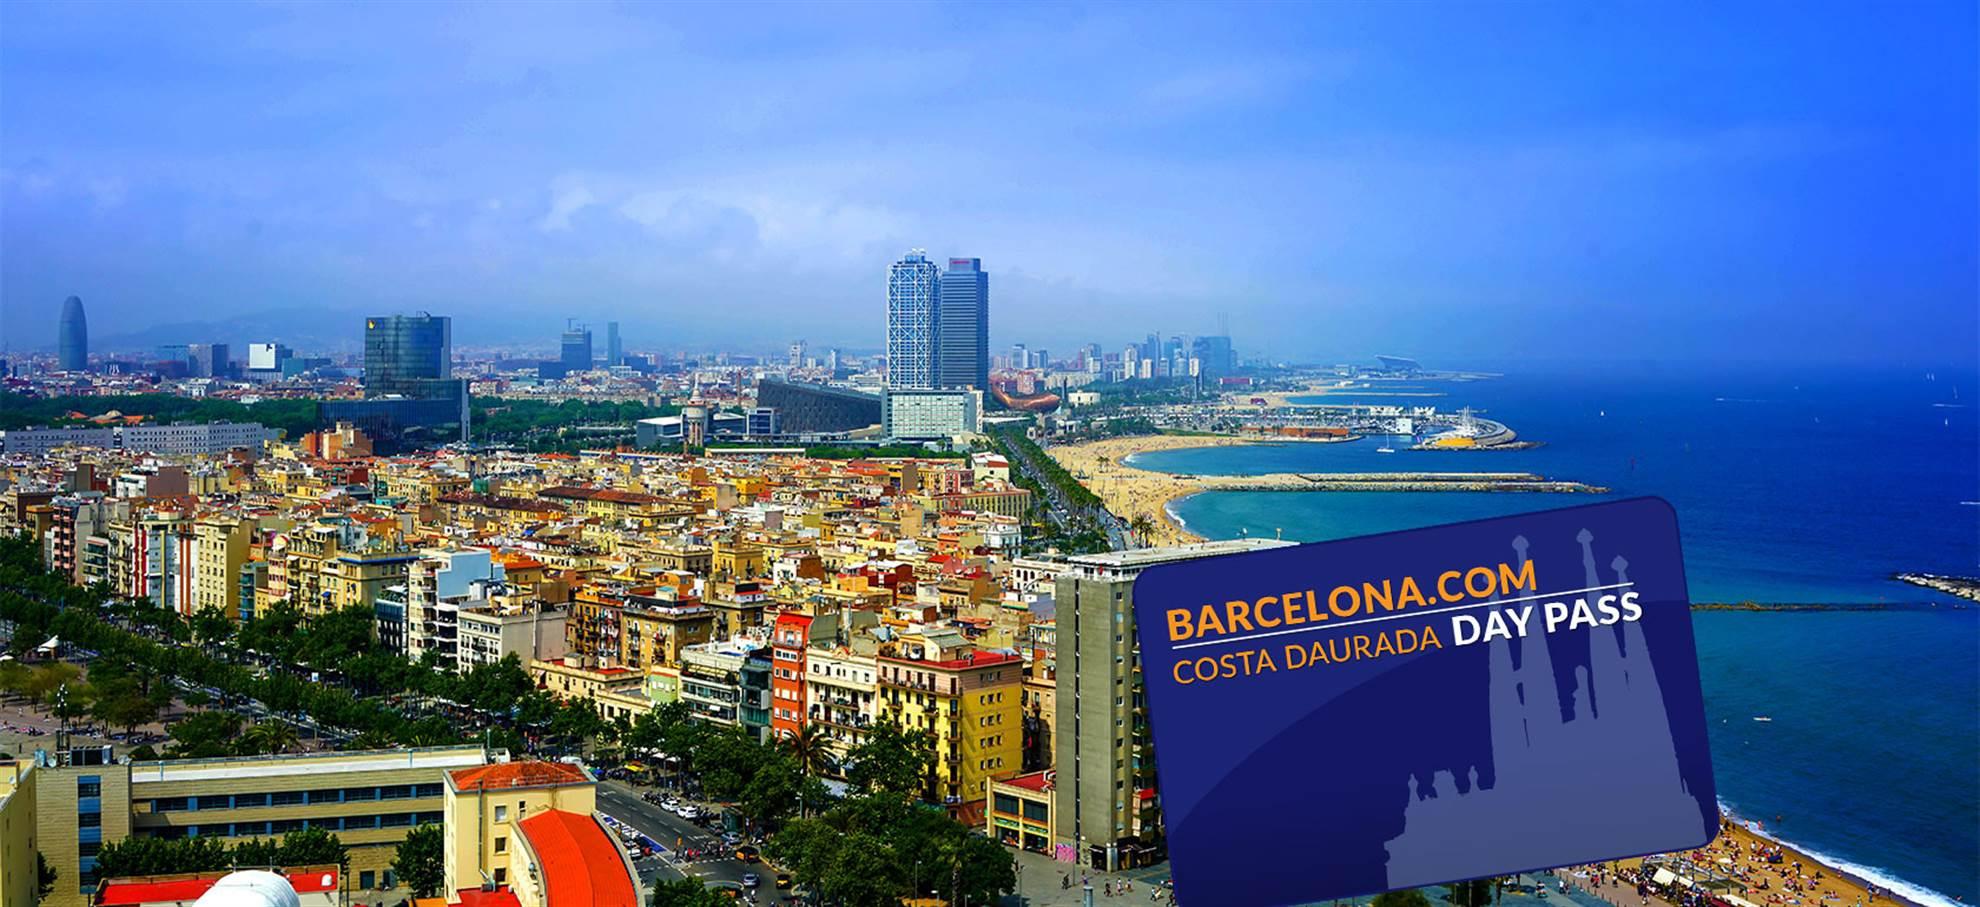 Costa Daurada – Barcelona.com Day Pass